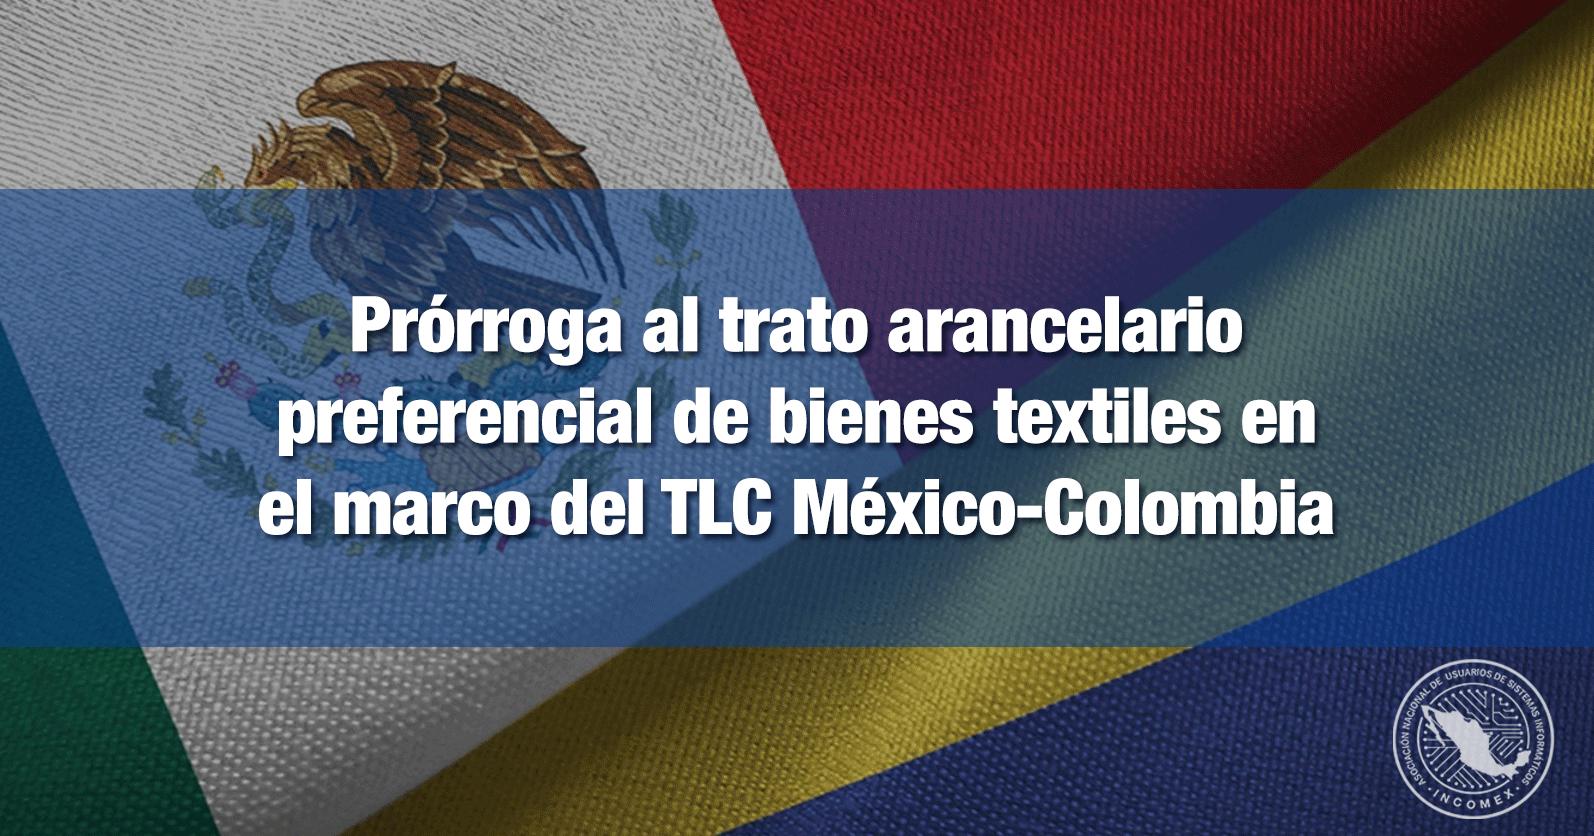 Prórroga al trato arancelario preferencial de bienes textiles en el marco del TLC México-Colombia